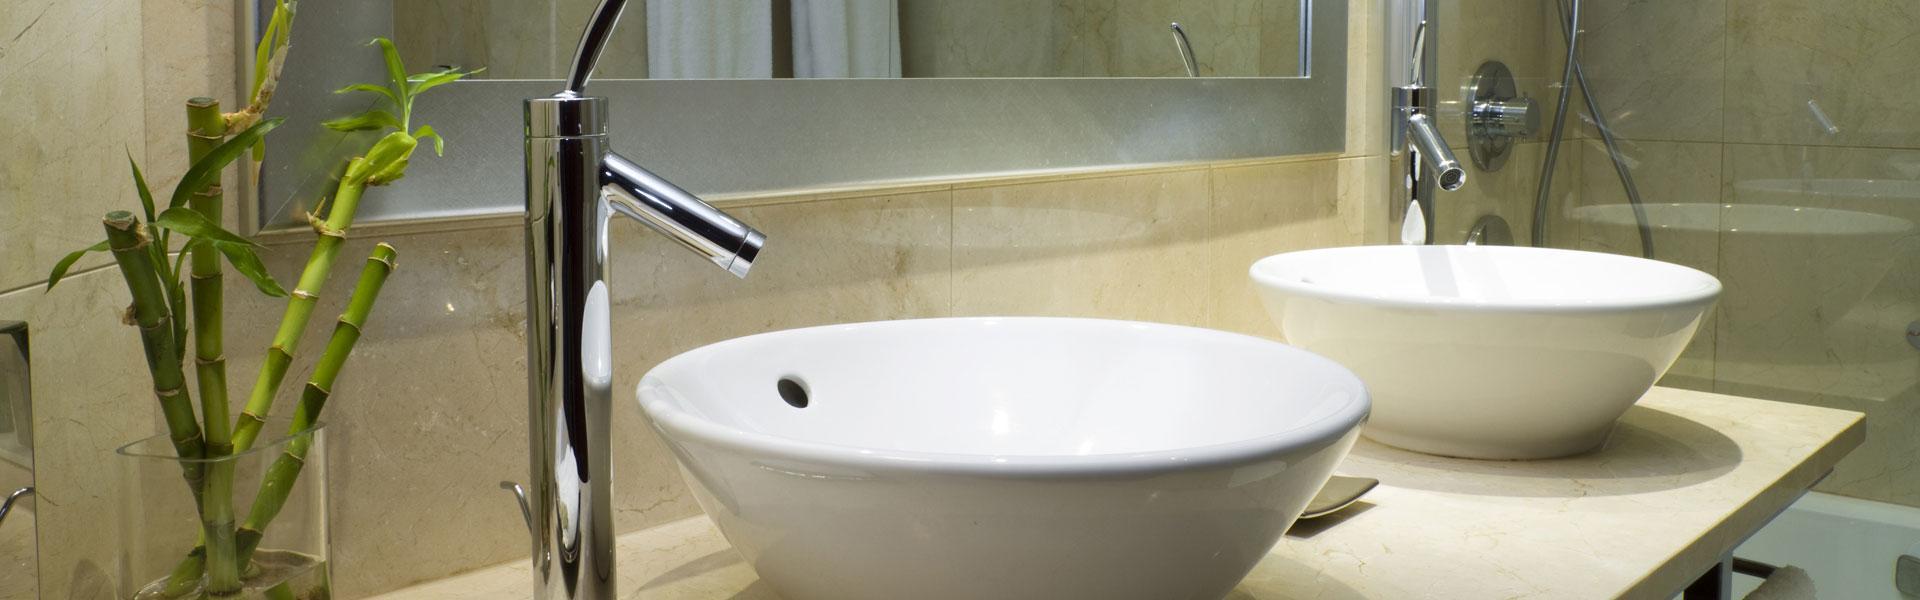 Bagno nuovo chiavi in mano vicenza il tuo bagno - Bagno chiavi in mano ...